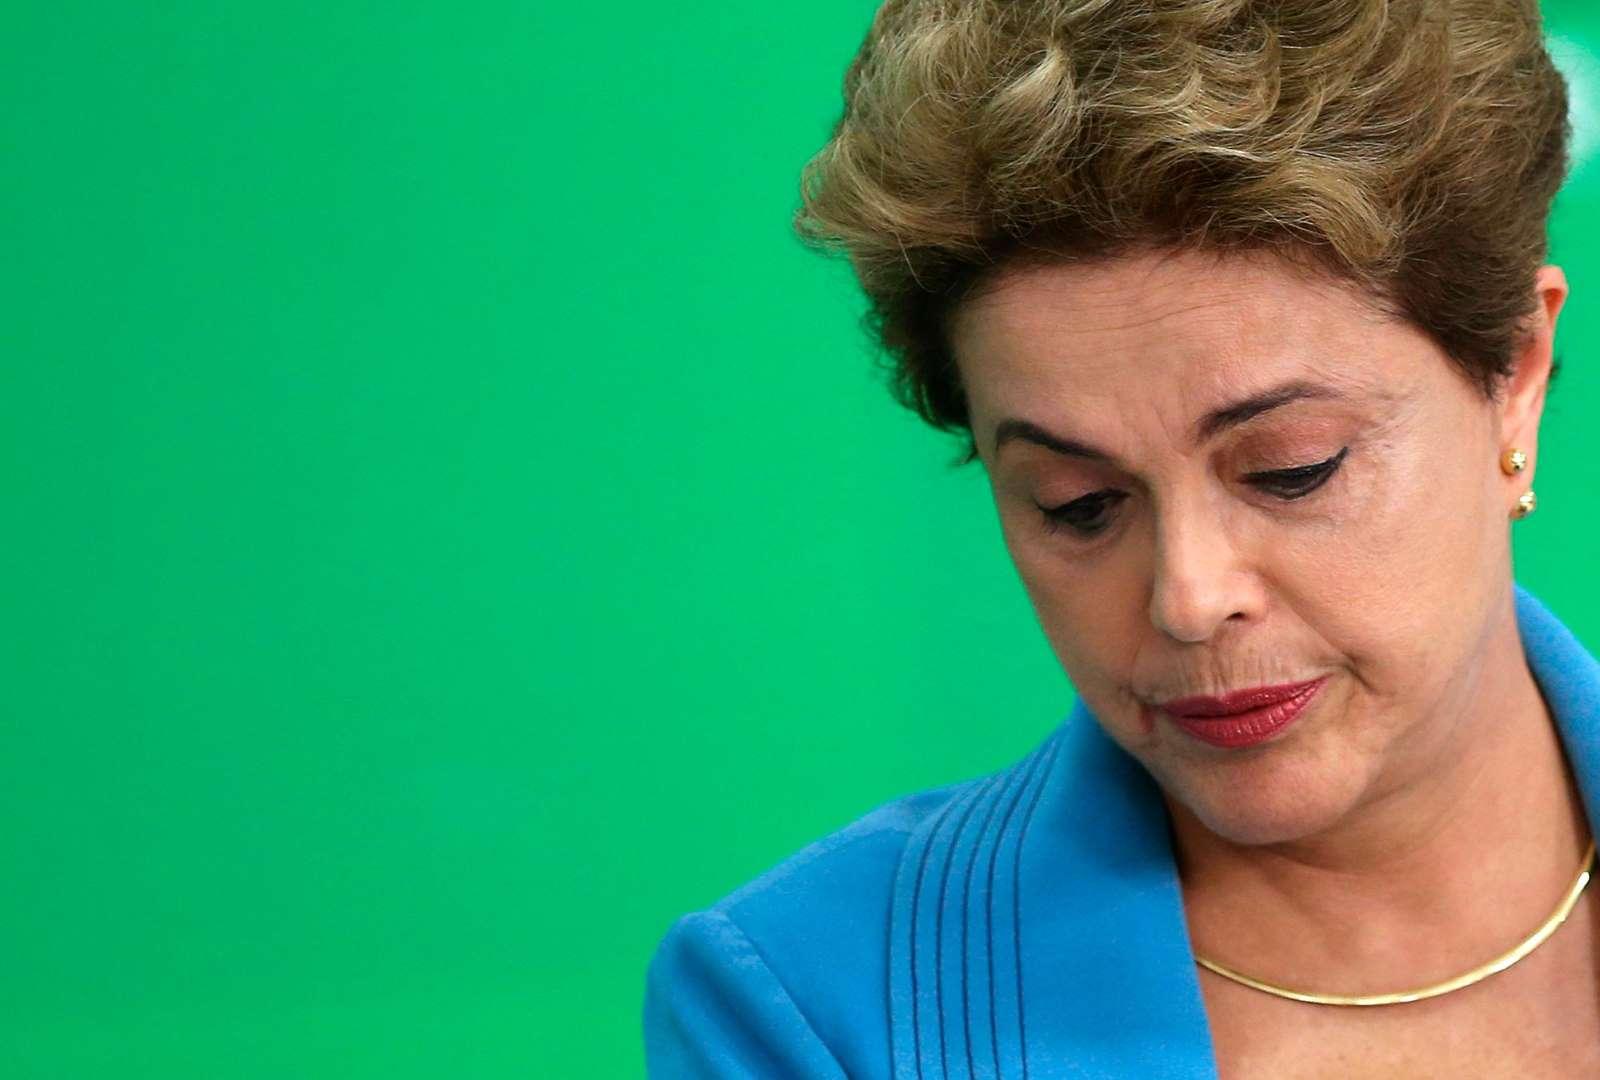 Senado aprova processo de impeachment e Dilma é afastada - Dilma lidera gastos entre candidatos para o Senado